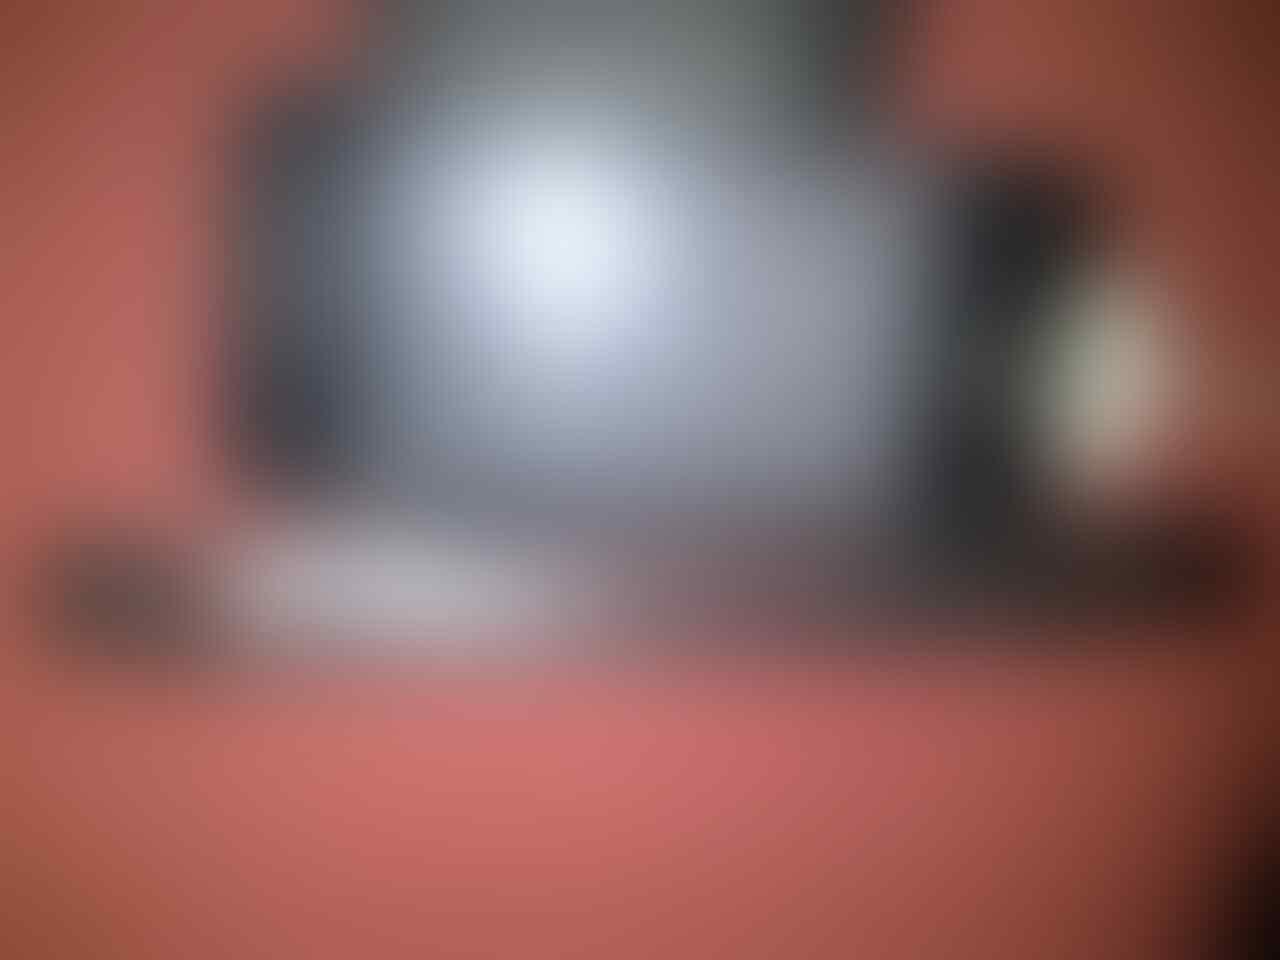 IPHONE 4S 16GB BLACK FU, JAKARTA